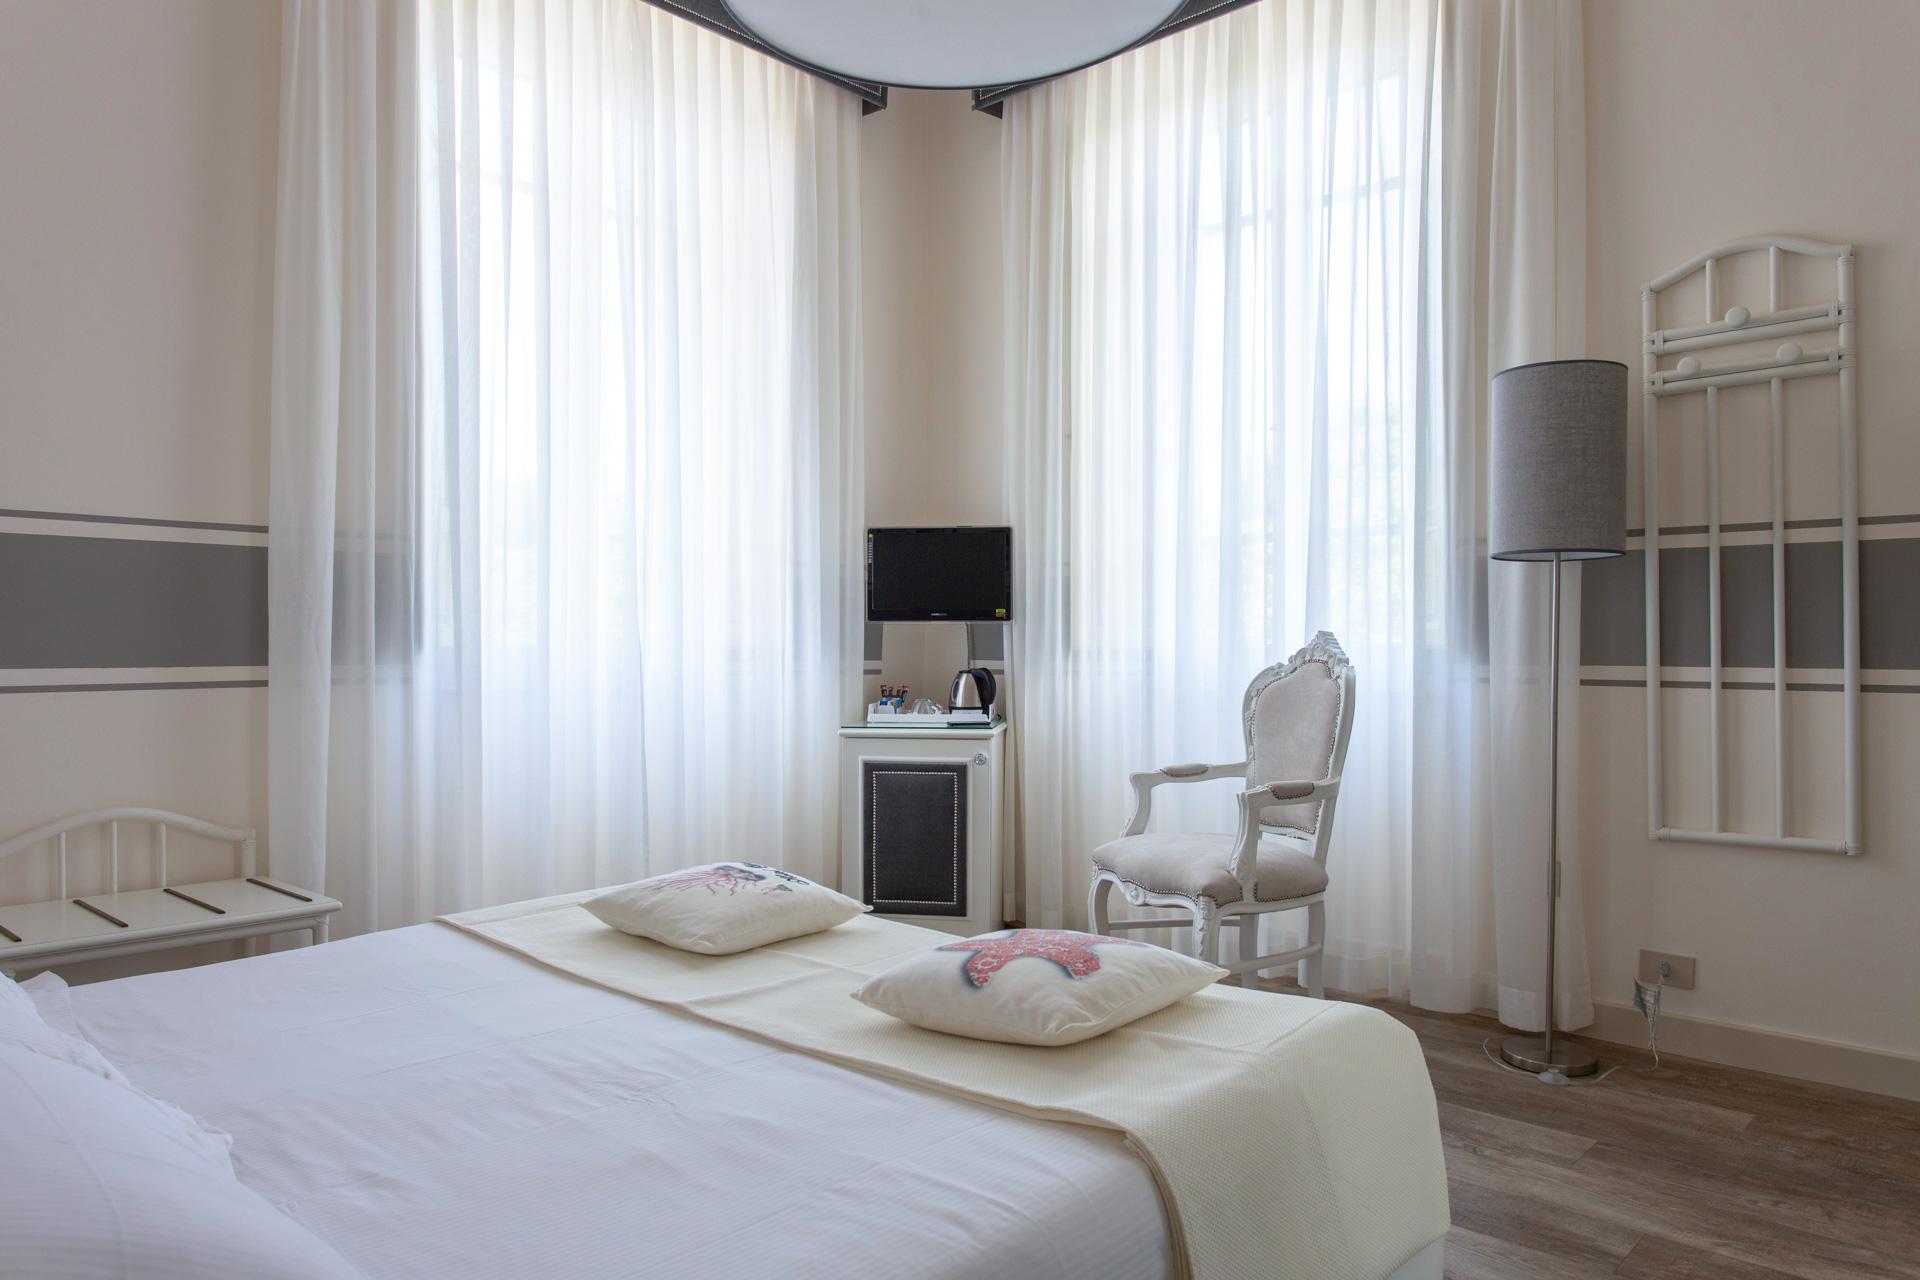 camera-comunicante-hotelolimpia-5